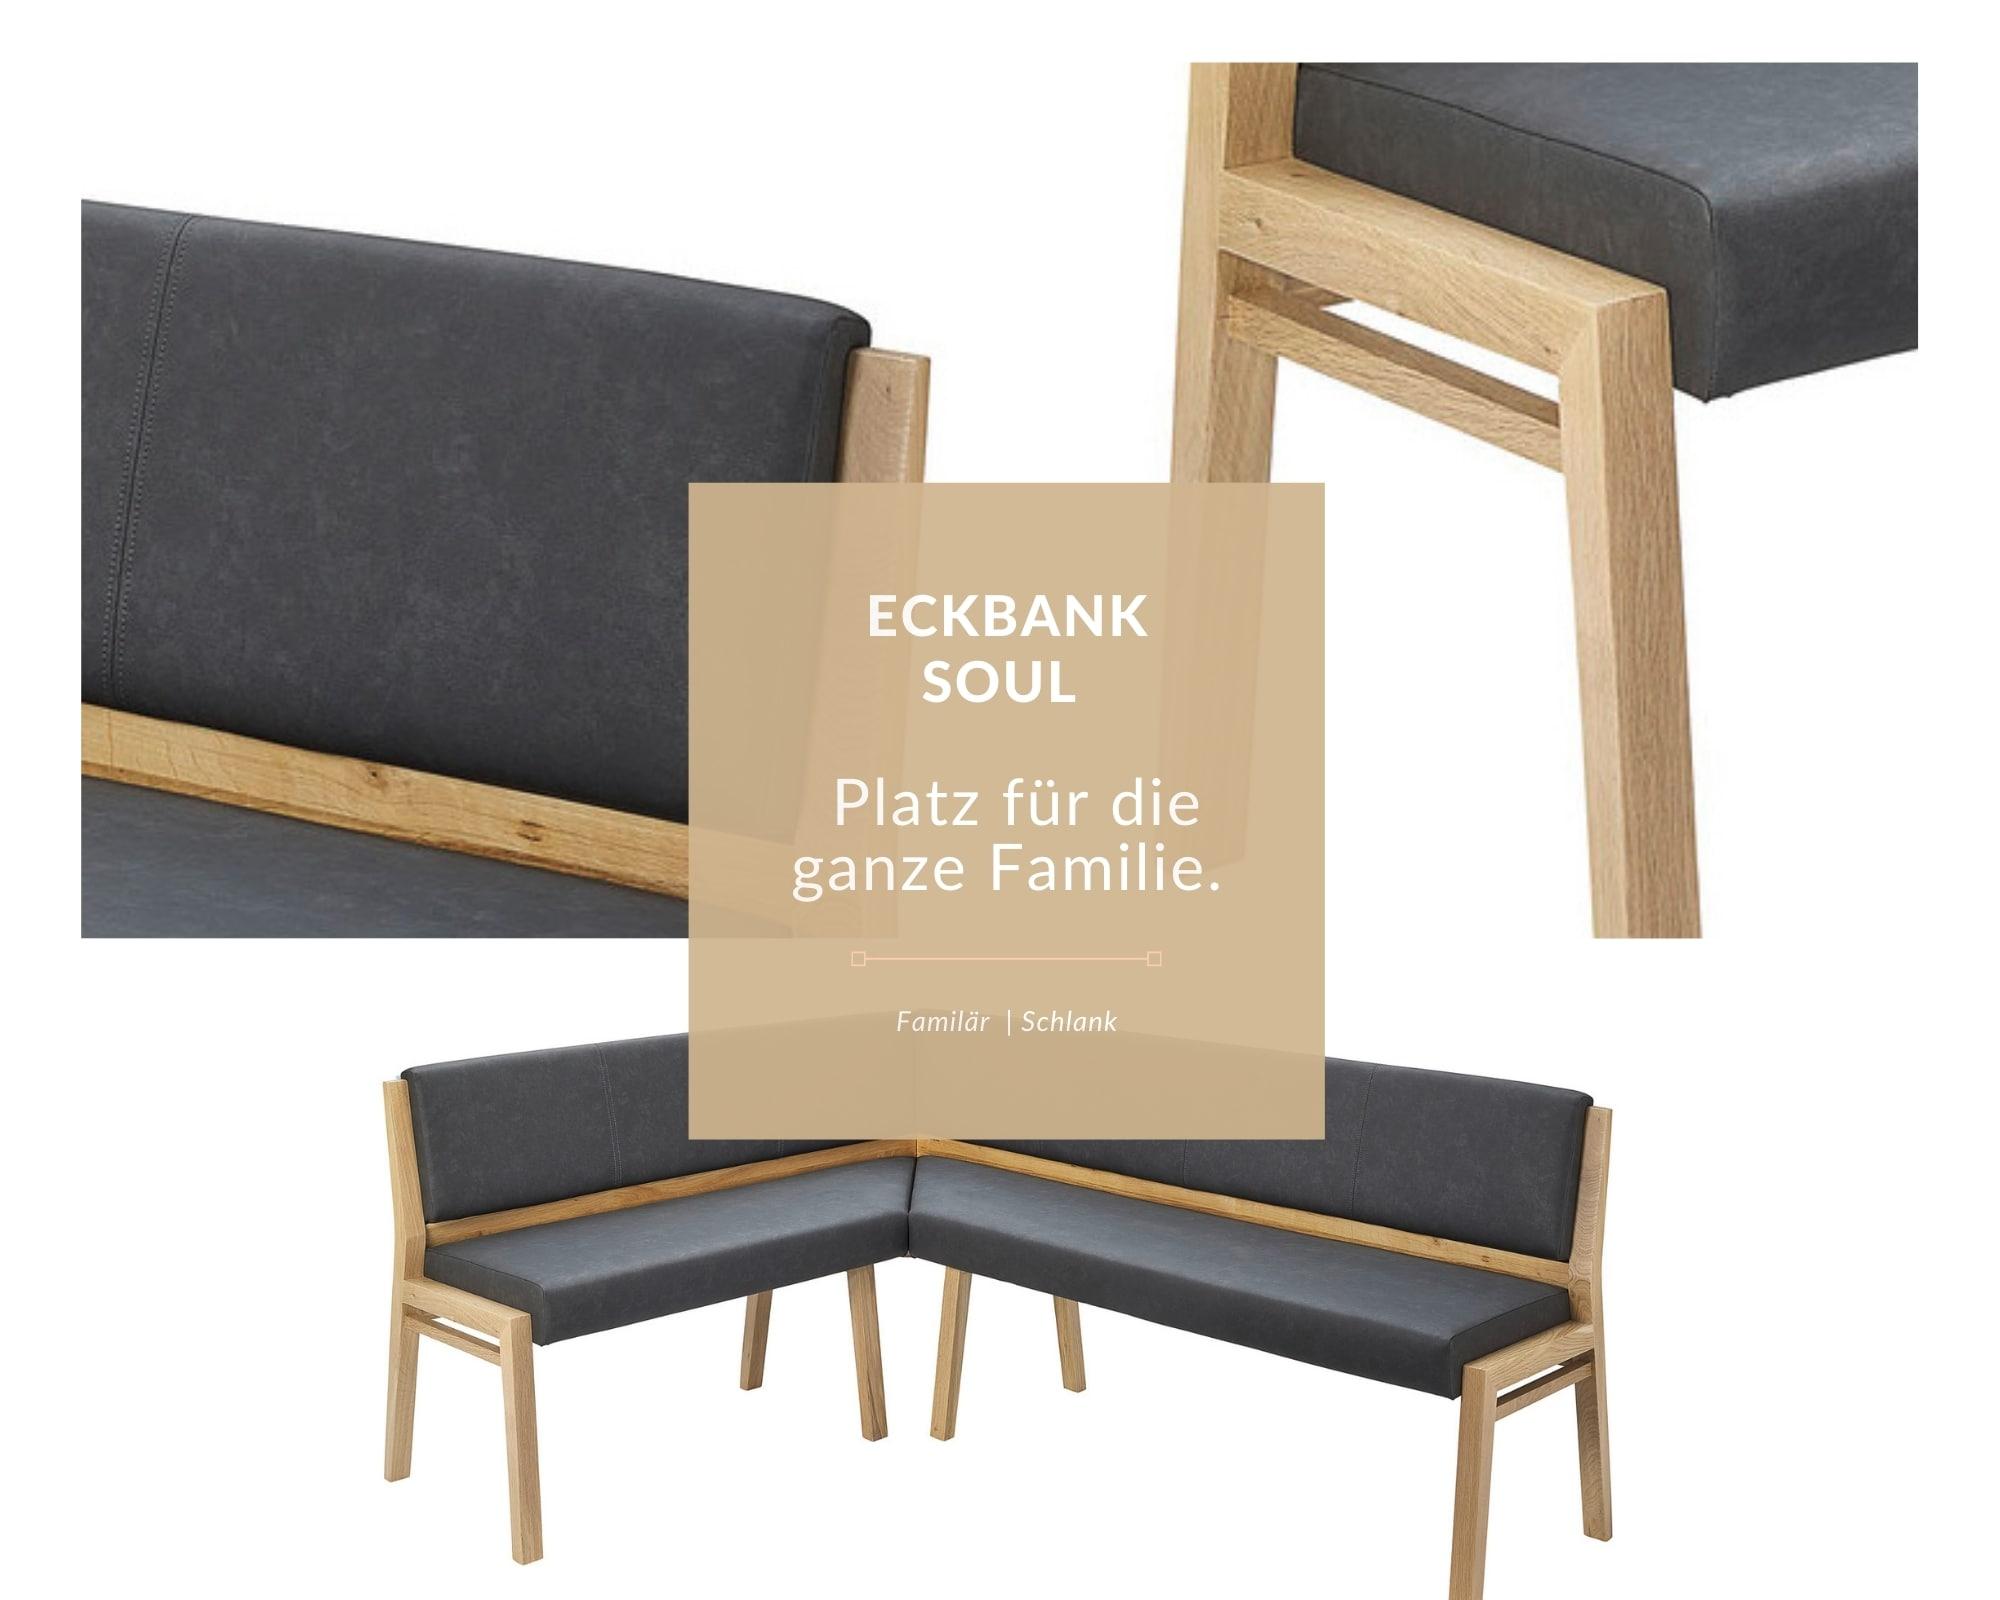 Eckbank aus massivholz in schlanken design- Soul- detailfotos-nach maß